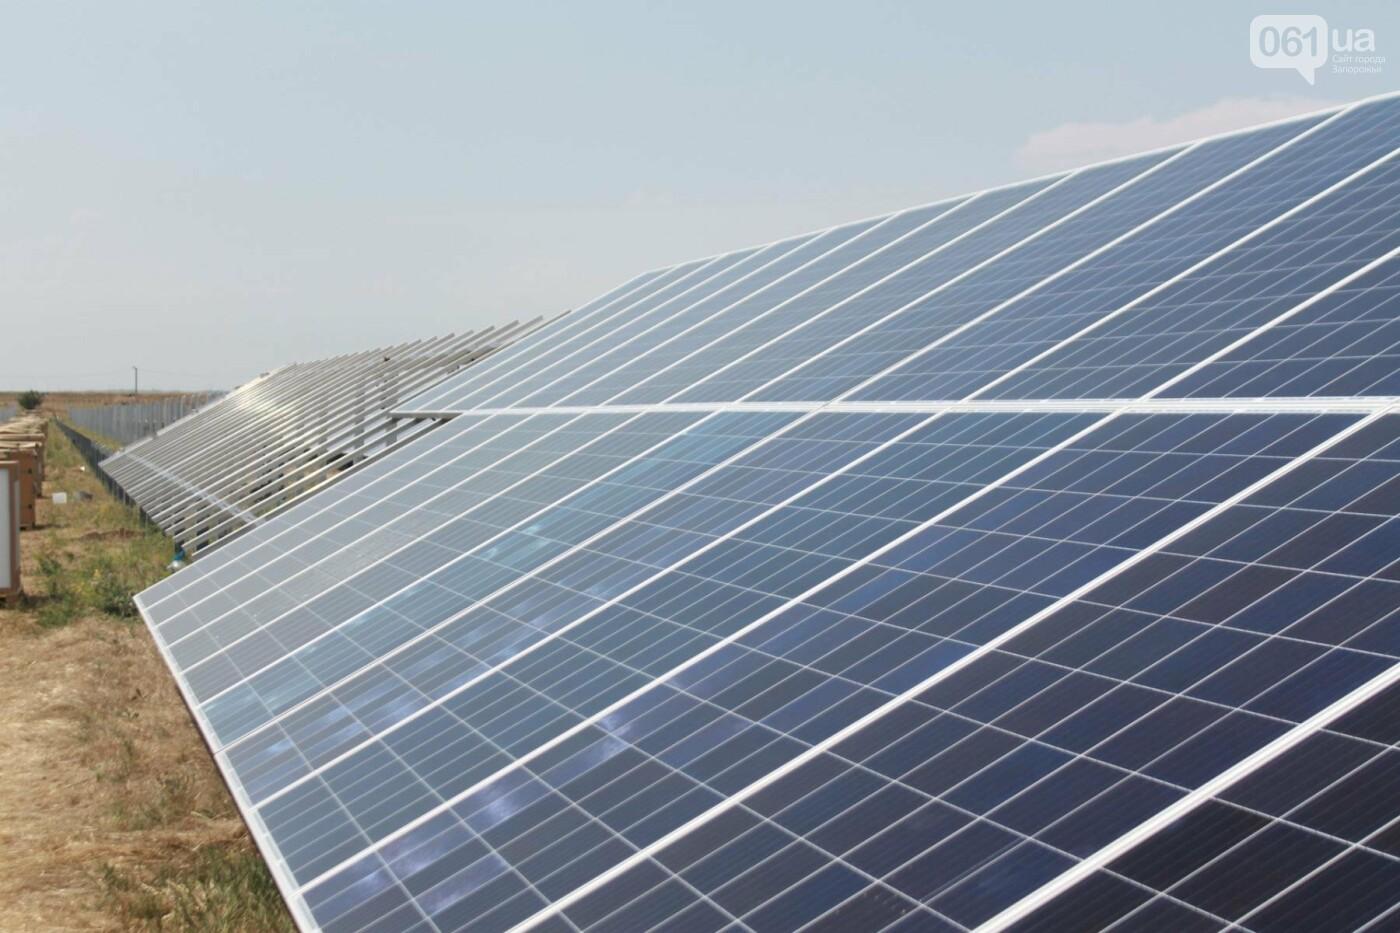 Как в Запорожской области работает крупнейшая в Украине солнечная станция: экскурсия на производство, — ФОТОРЕПОРТАЖ, фото-61